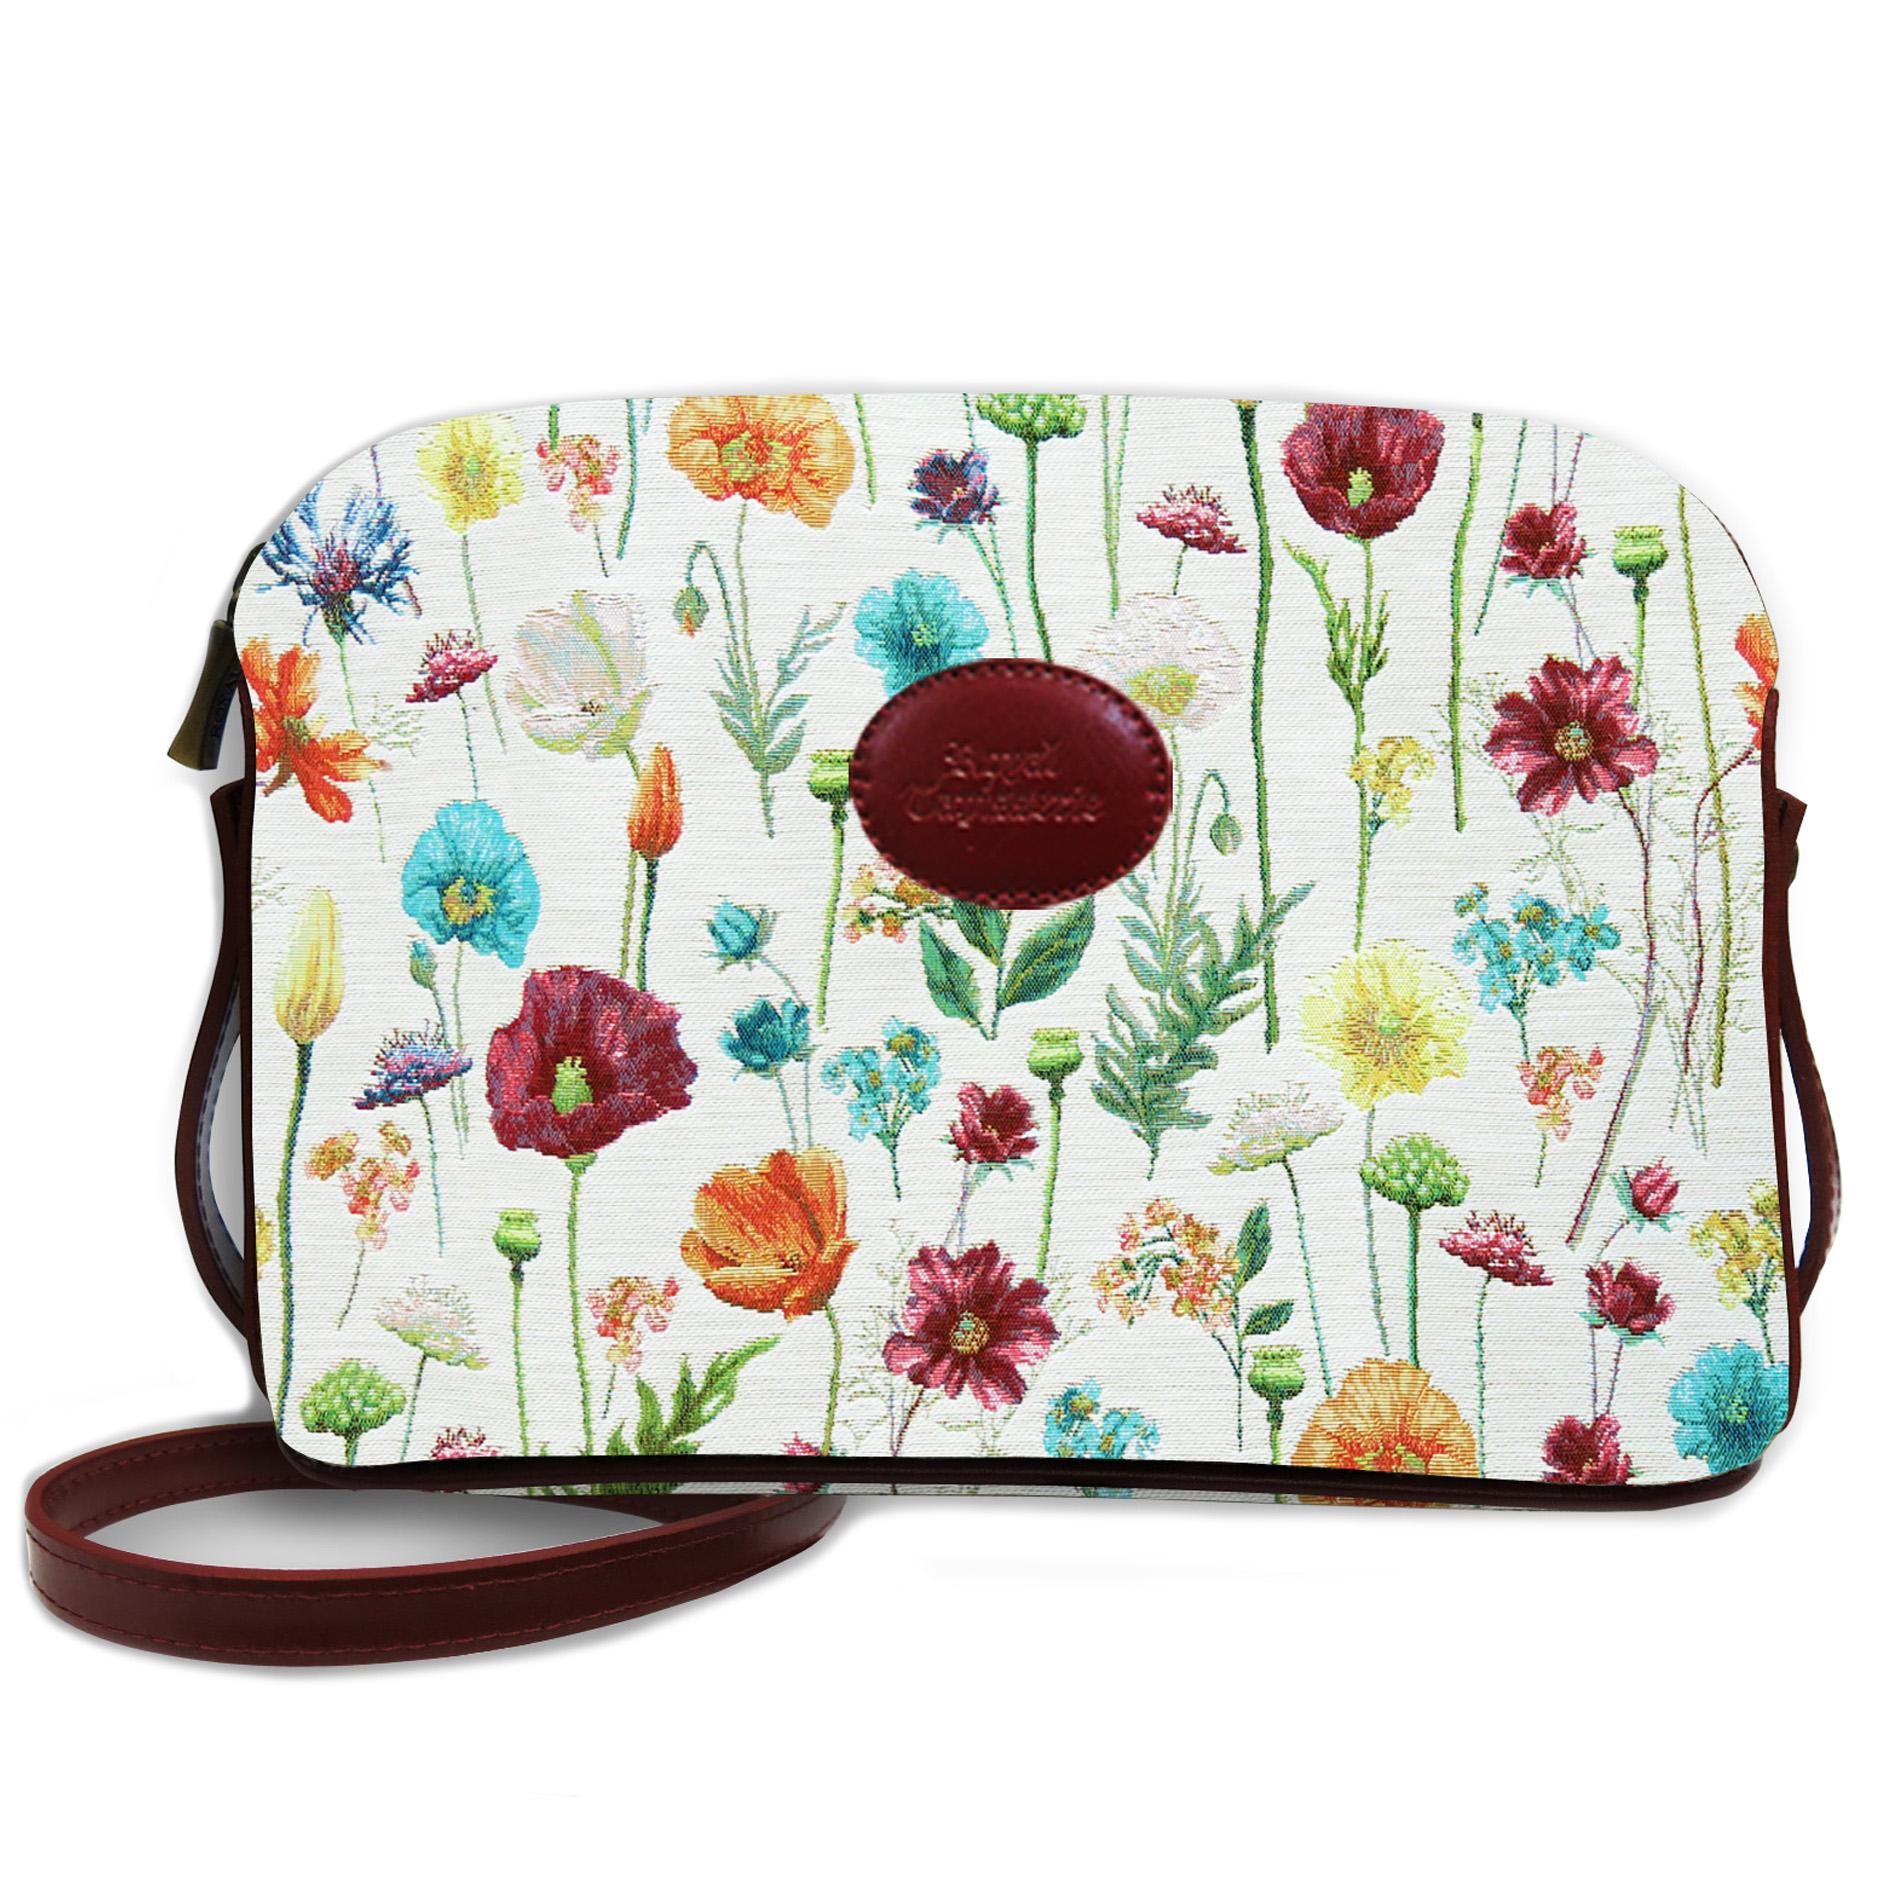 Sac bandoulière artisanal \'Royal Tapisserie\' blanc multicolore (fleurs des champs)  - 23x17x6 cm - [Q6374]